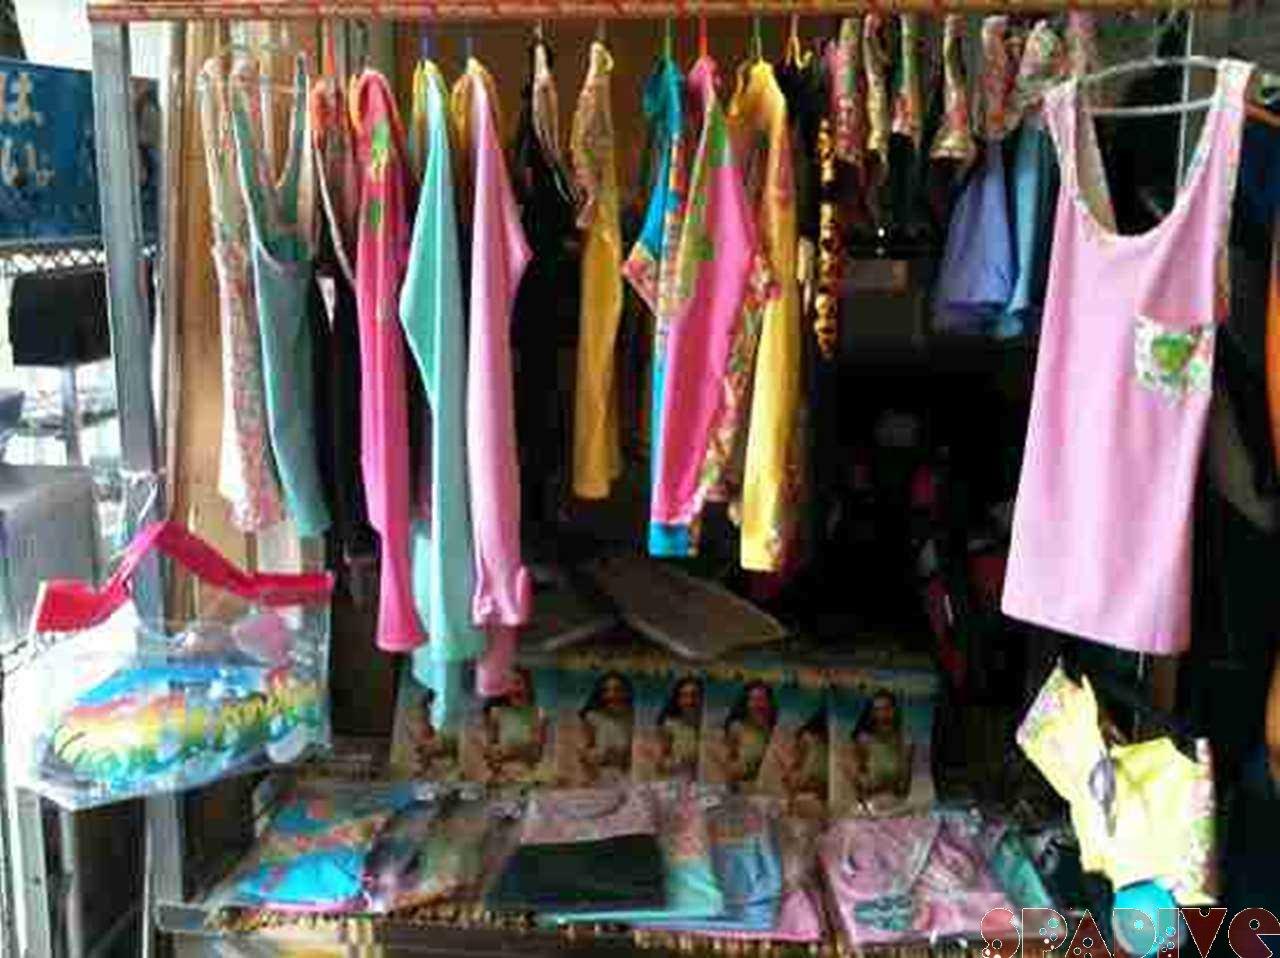 夏目前!!新商品到着しました\(^o^)/展示開始です 6/3/2011